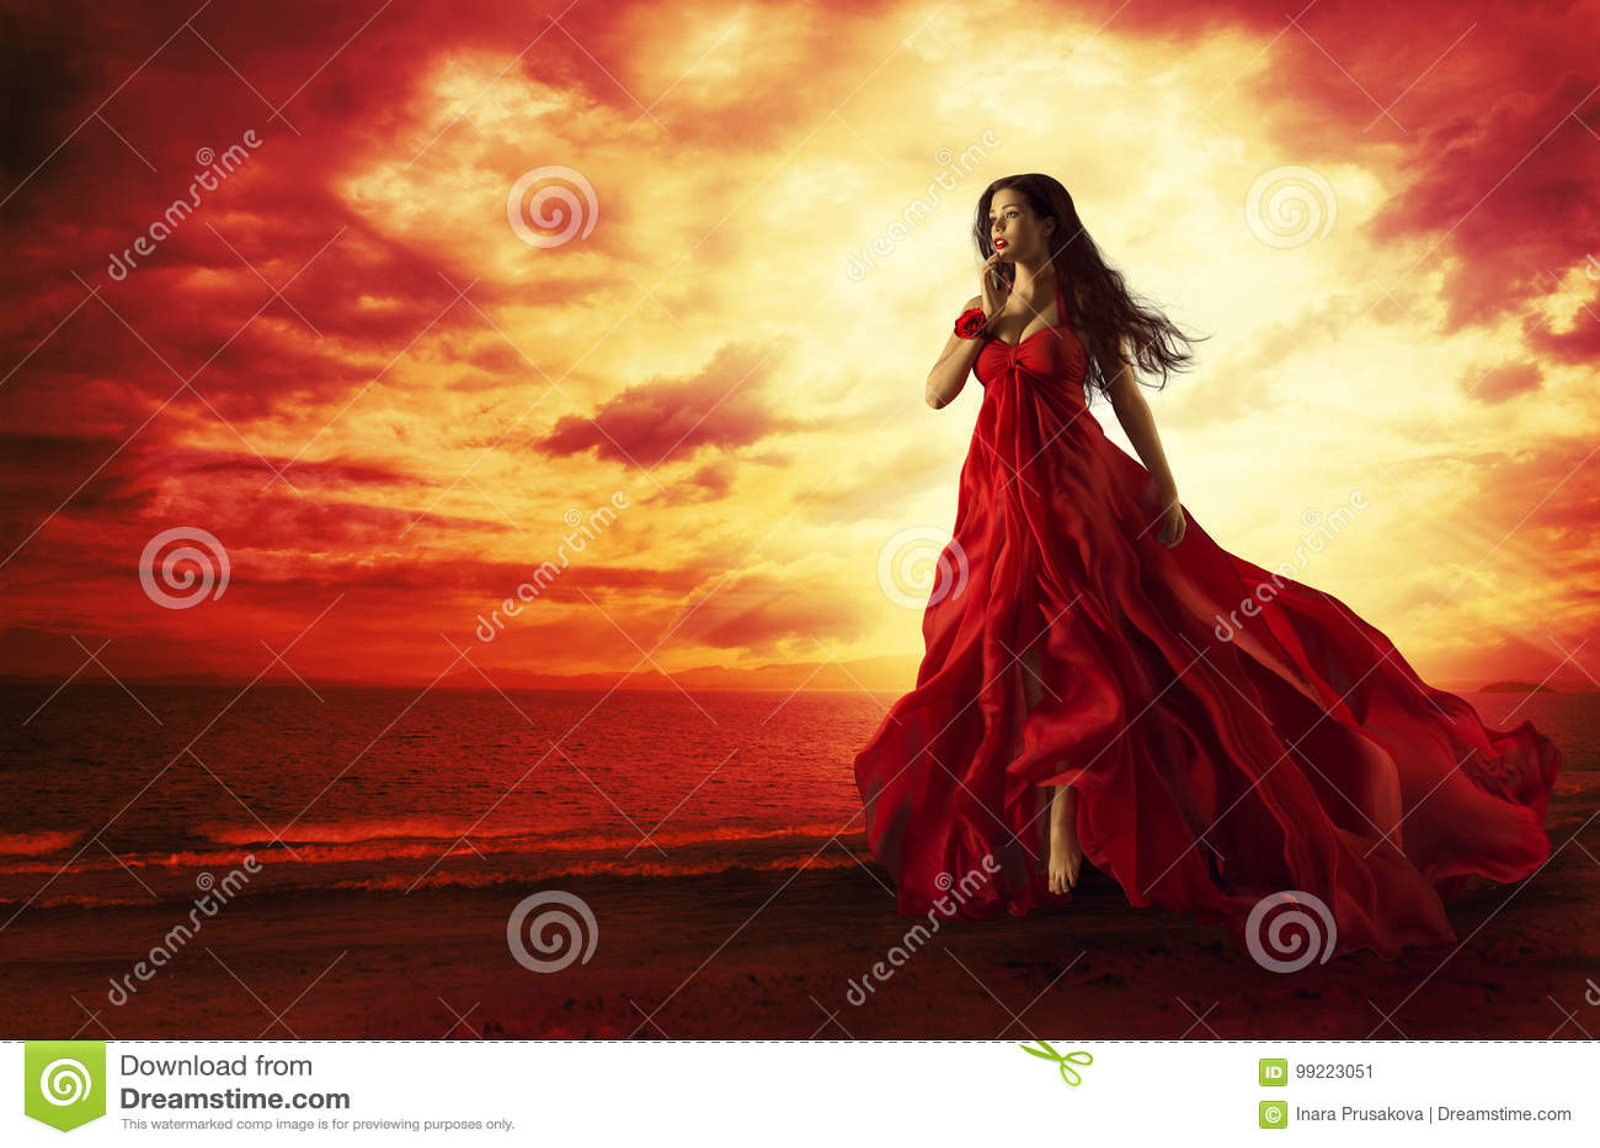 Vrouw die Rode Kleding, Mannequin in Avondtoga het Levitatie ondergaan vliegen